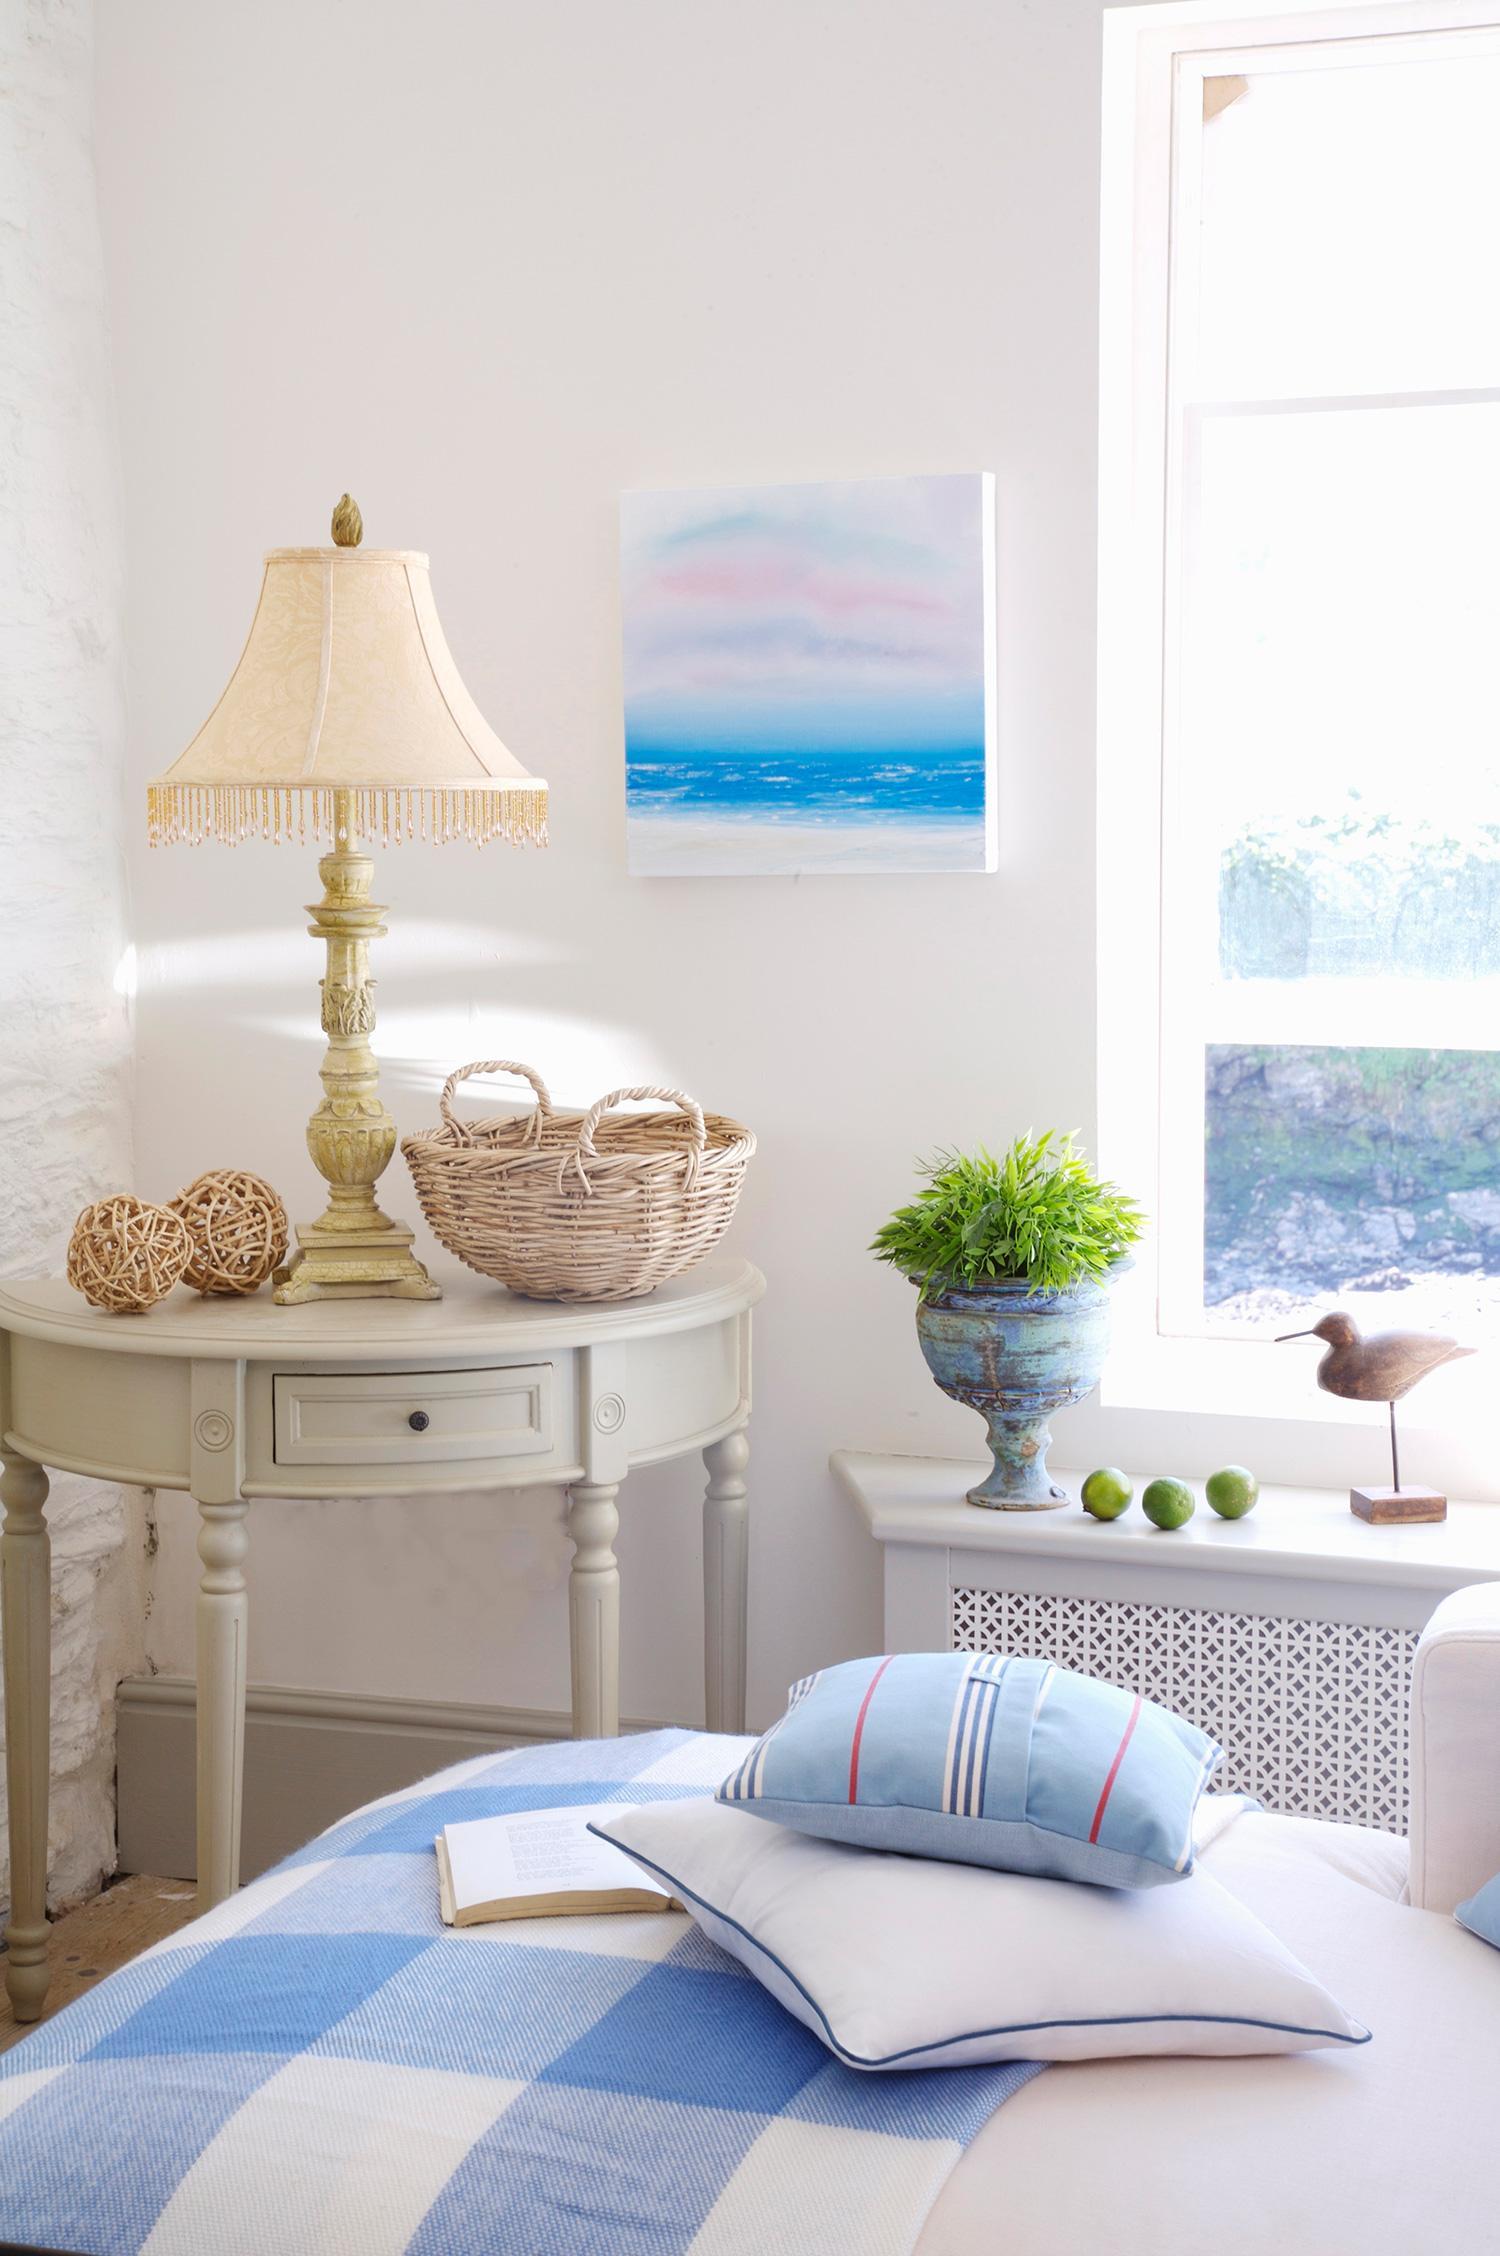 Capri, Casa, Design, Mare, Mediterraneo, Ispirazioni, Stile